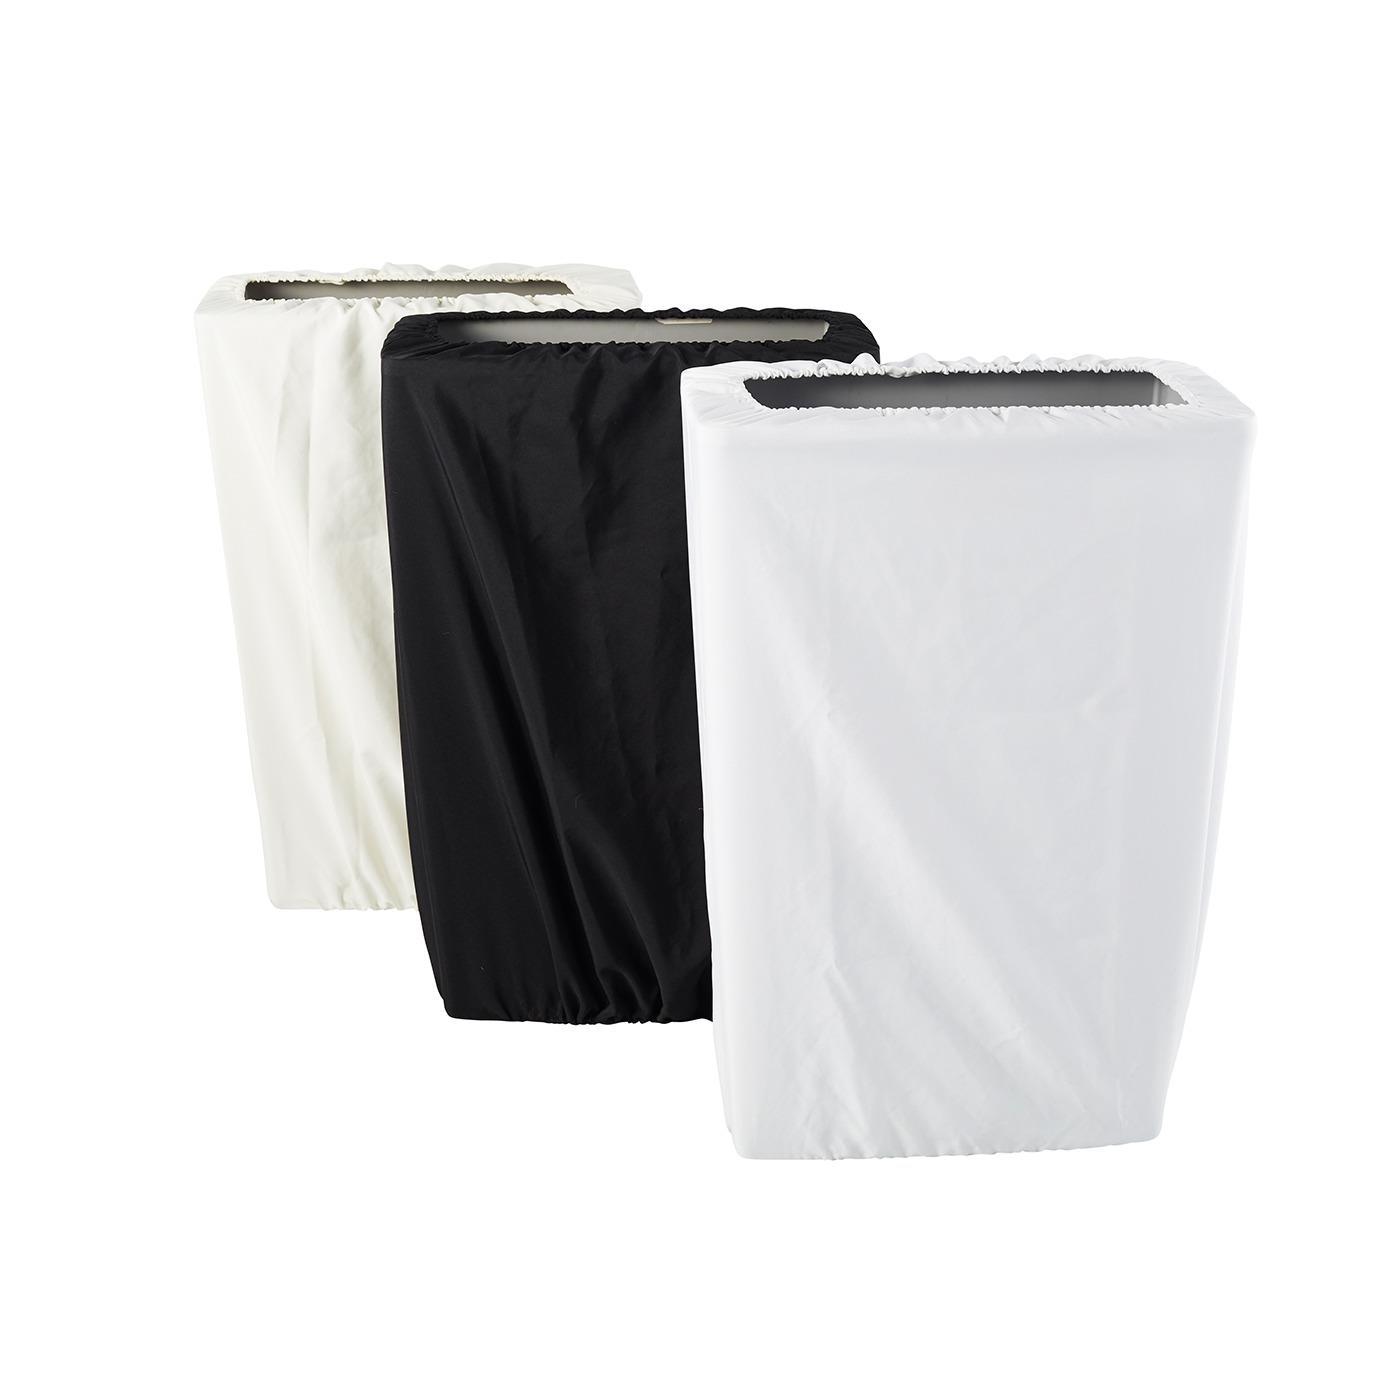 Poly Garbage Slim Slipcover